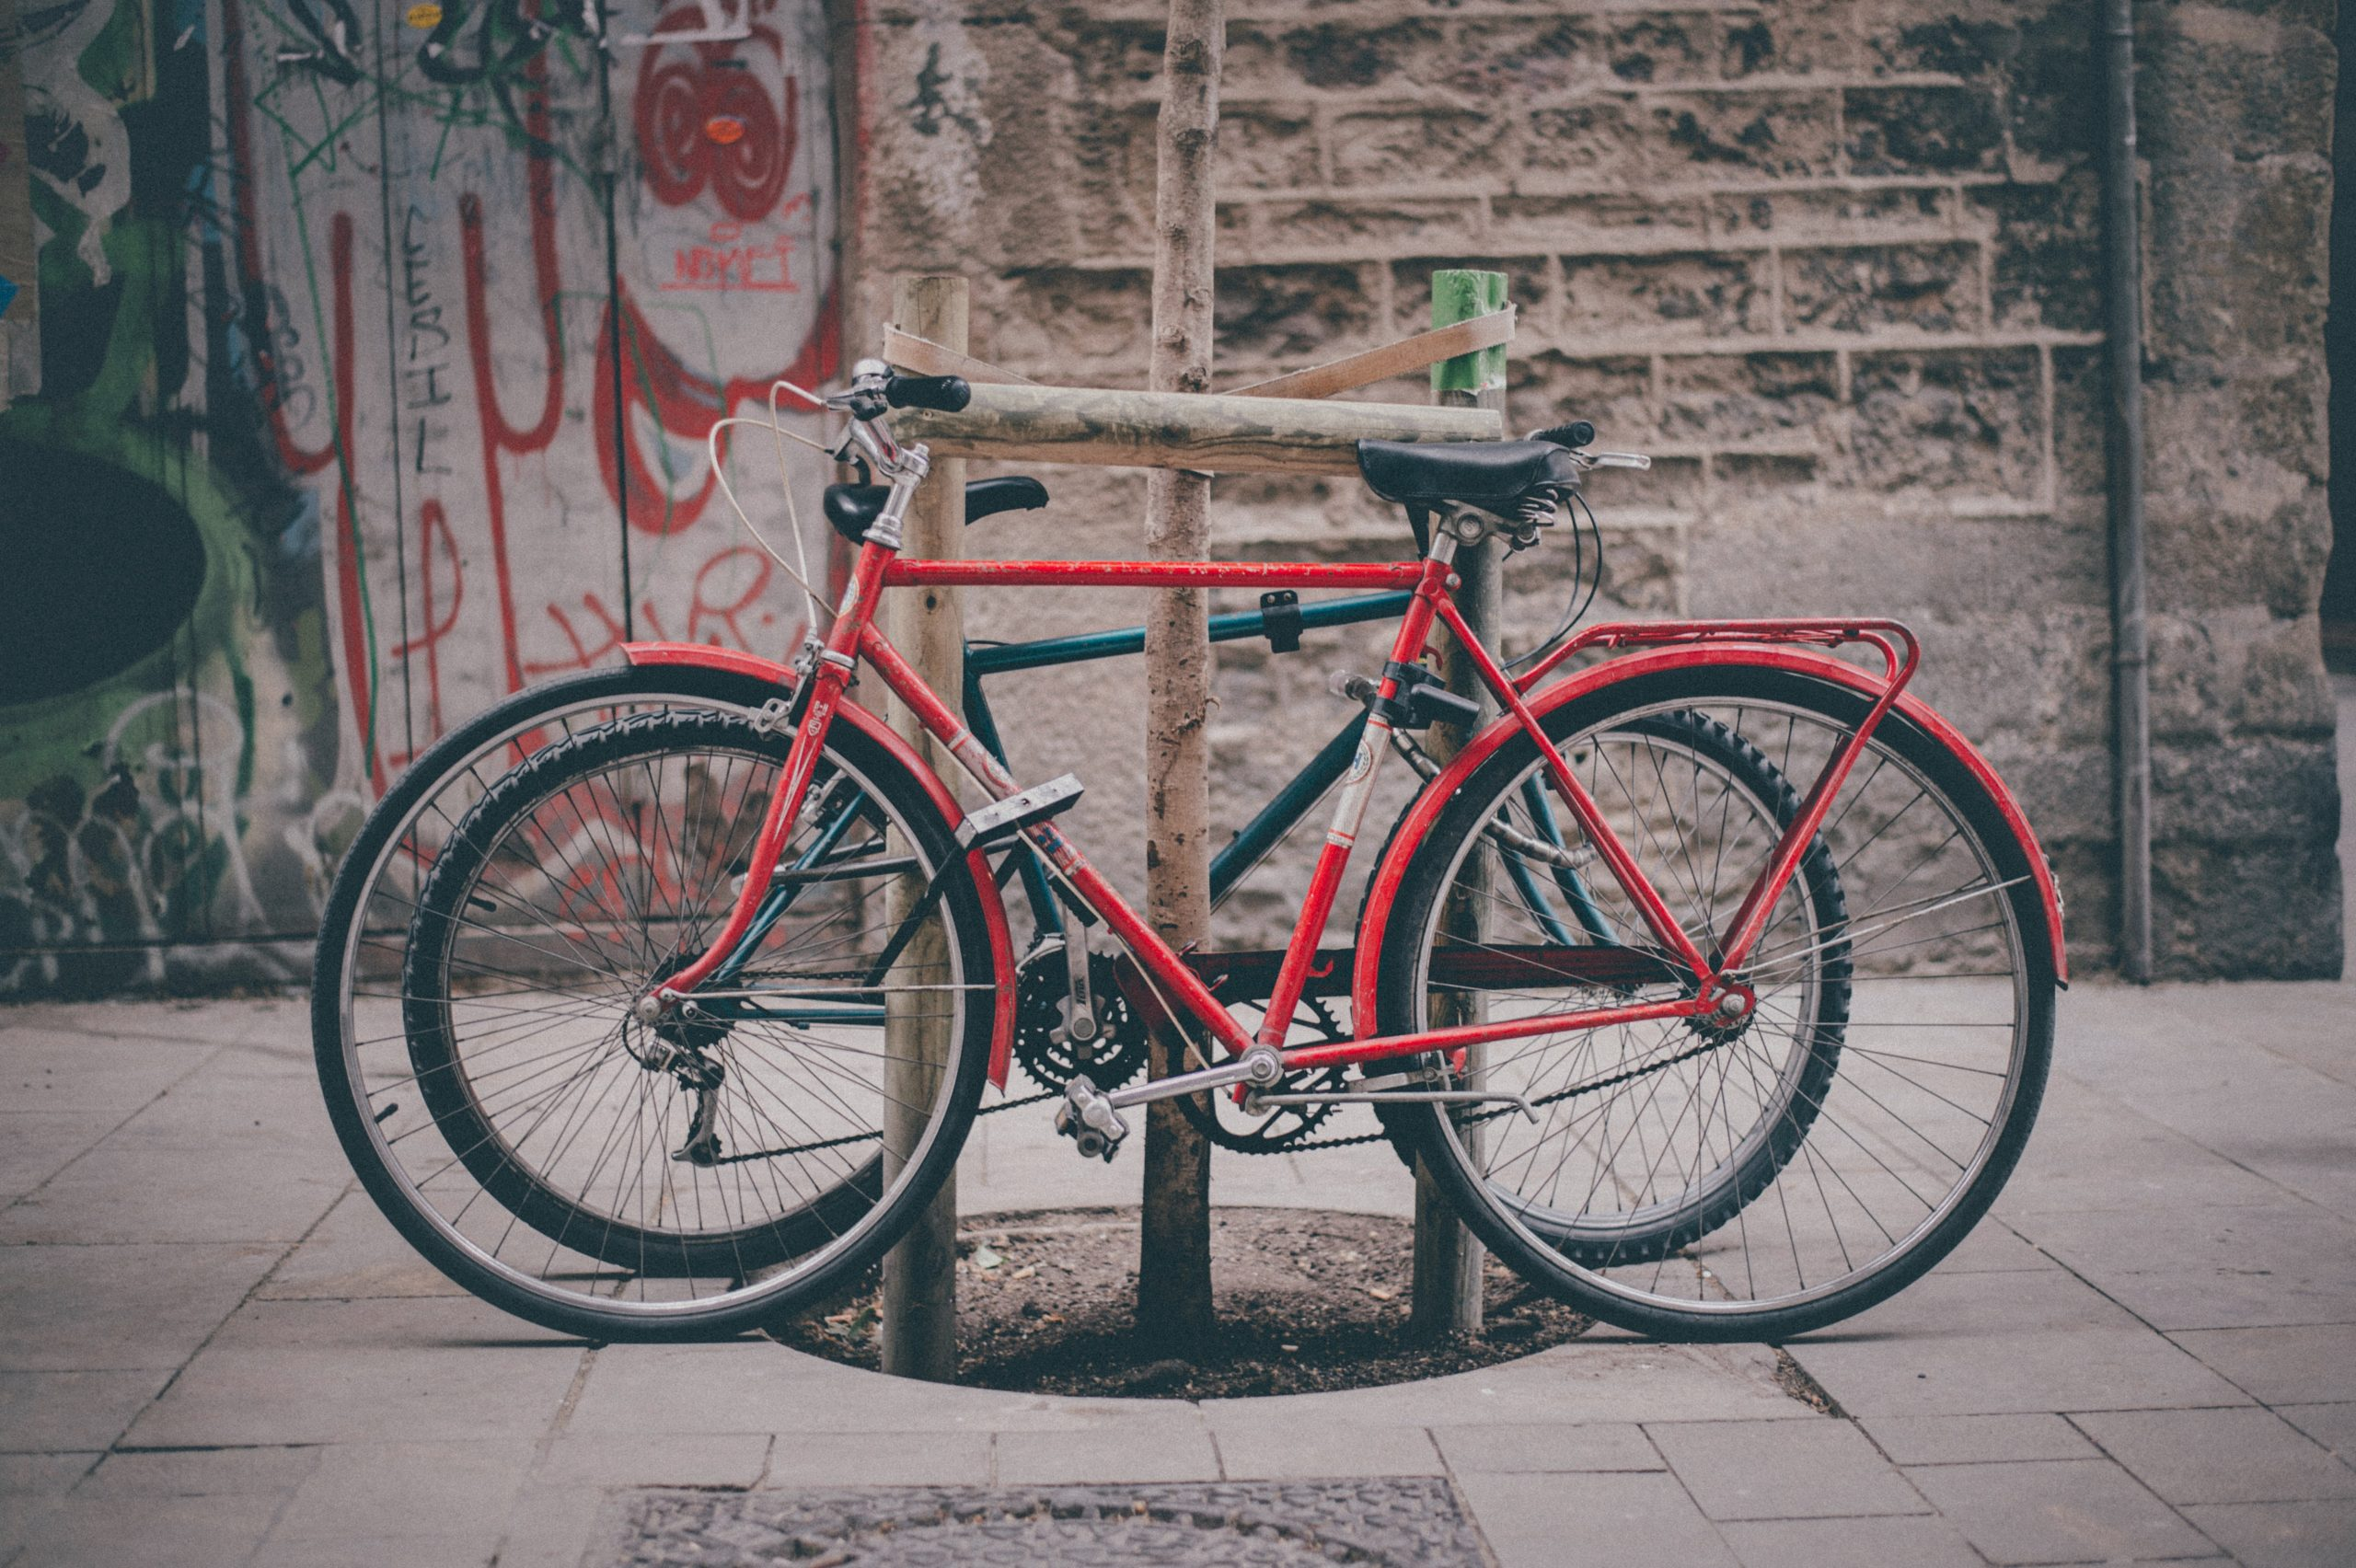 Katholische Hochschulgemeinde Düsseldorf Moodbild Fahrräder